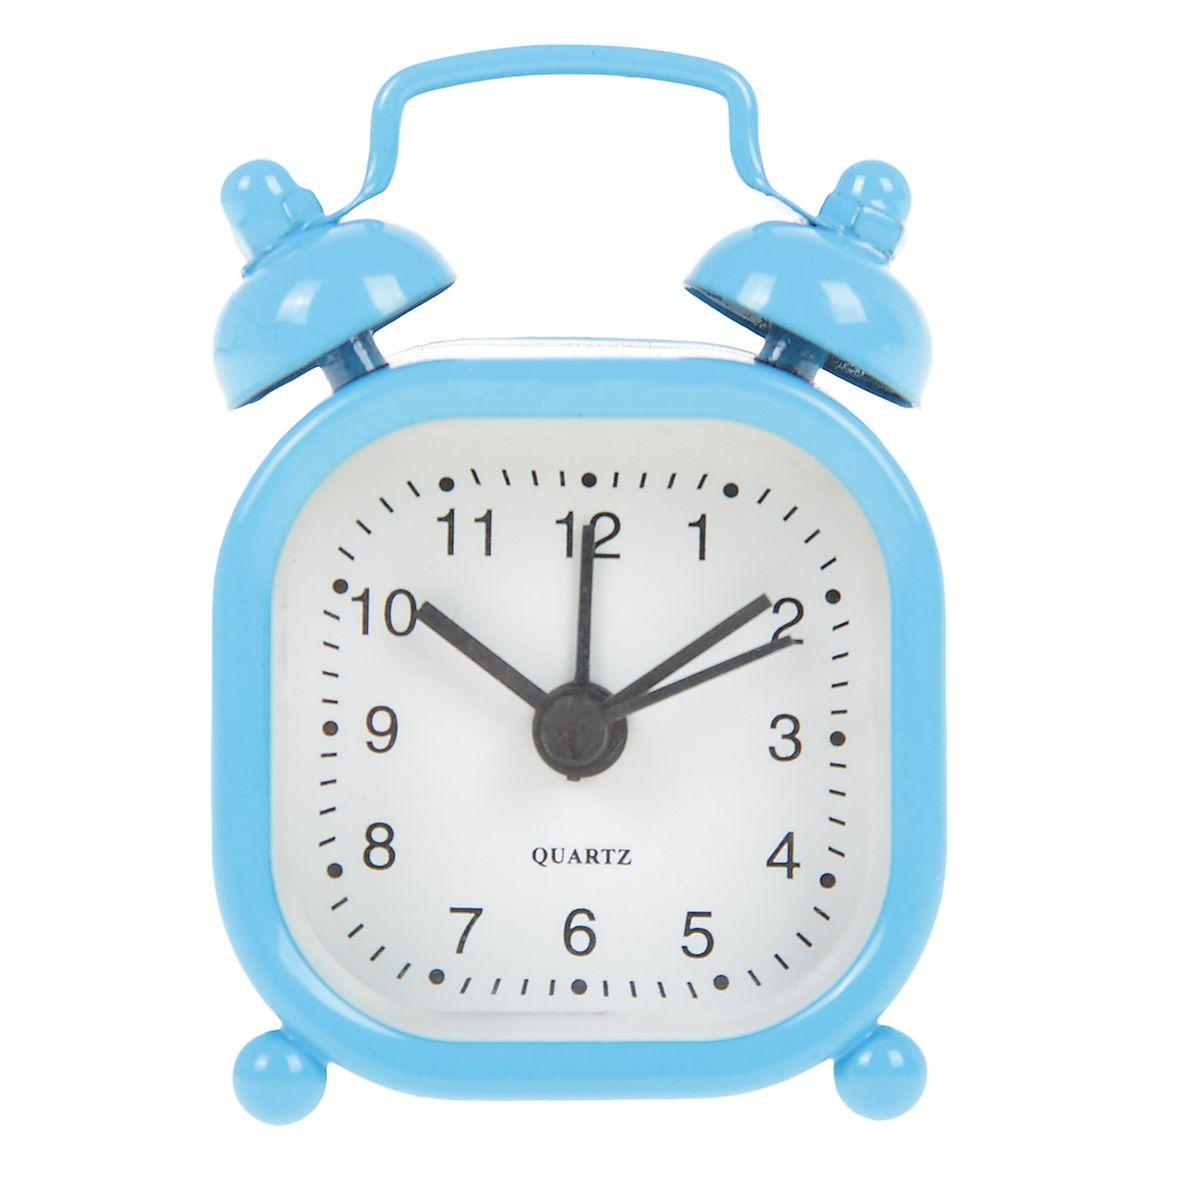 Часы-будильник Sima-land, цвет: голубой. 840951840951Как же сложно иногда вставать вовремя! Всегда так хочется поспать еще хотя бы 5 минут и бывает, что мы просыпаем. Теперь этого не случится! Яркий, оригинальный будильник Sima-land поможет вам всегда вставать в нужное время и успевать везде и всюду. Будильник украсит вашу комнату и приведет в восхищение друзей. Эта уменьшенная версия привычного будильника умещается на ладони и работает так же громко, как и привычные аналоги. Время показывает точно и будит в установленный час.На задней панели будильника расположены переключатель включения/выключения механизма, а также два колесика для настройки текущего времени и времени звонка будильника.Будильник работает от 1 батарейки типа LR44 (входит в комплект).